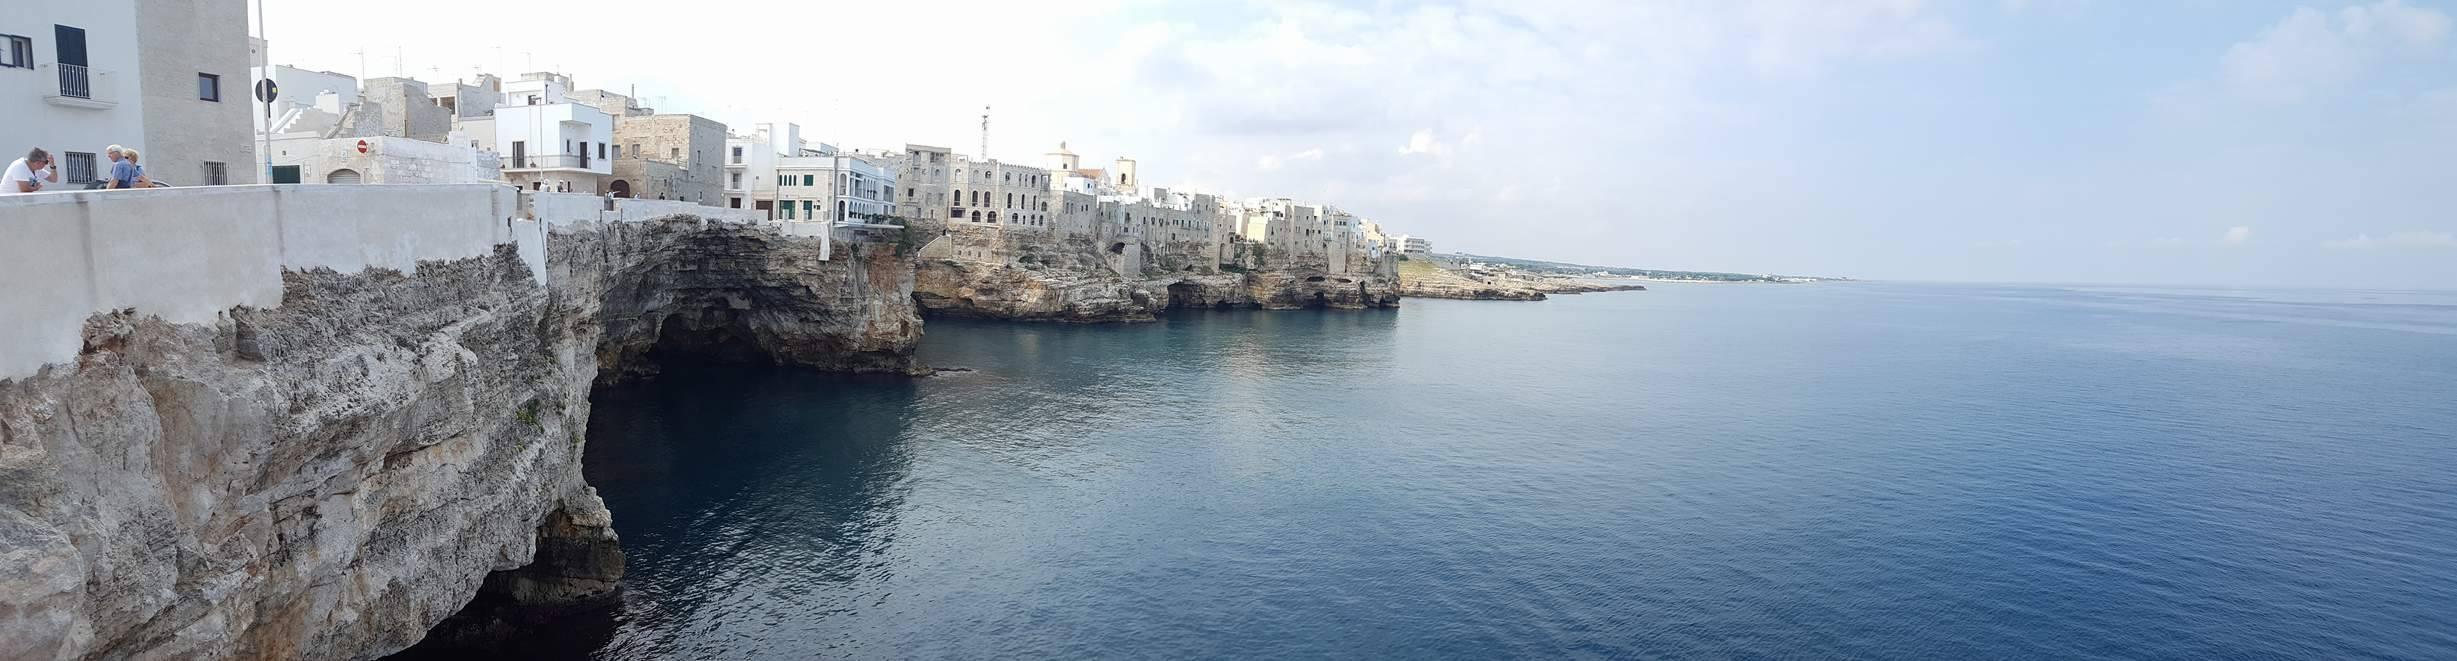 Бари, Италия - романтика, фотография и море